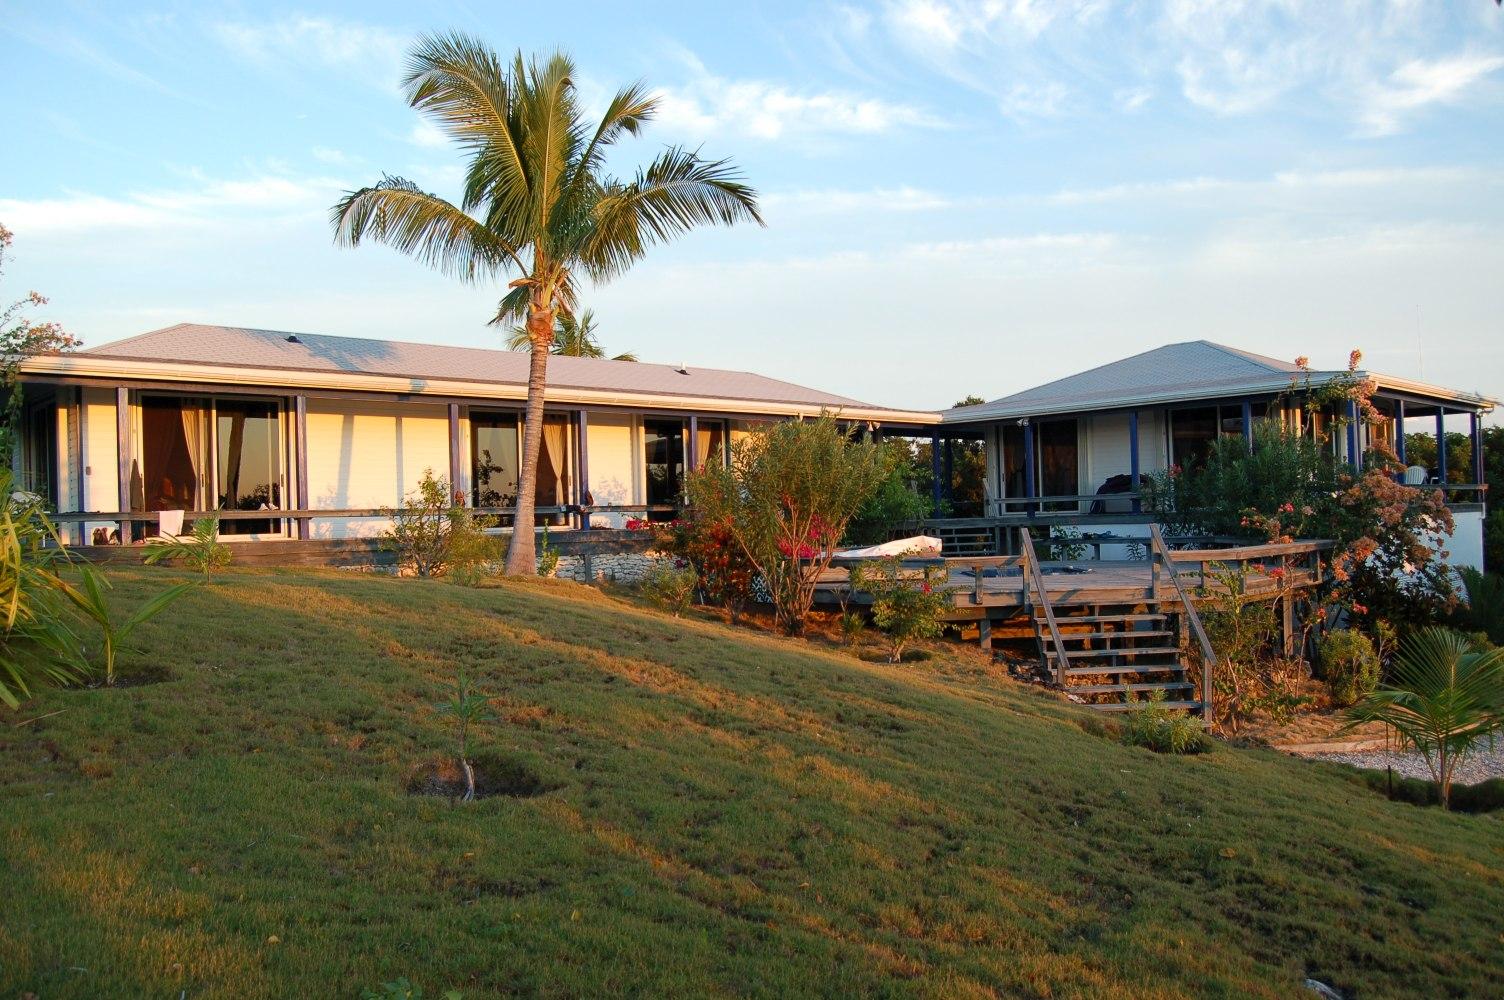 Island Archive - Villa Avalon on Scotland Cay - Bahamas - Caribbean